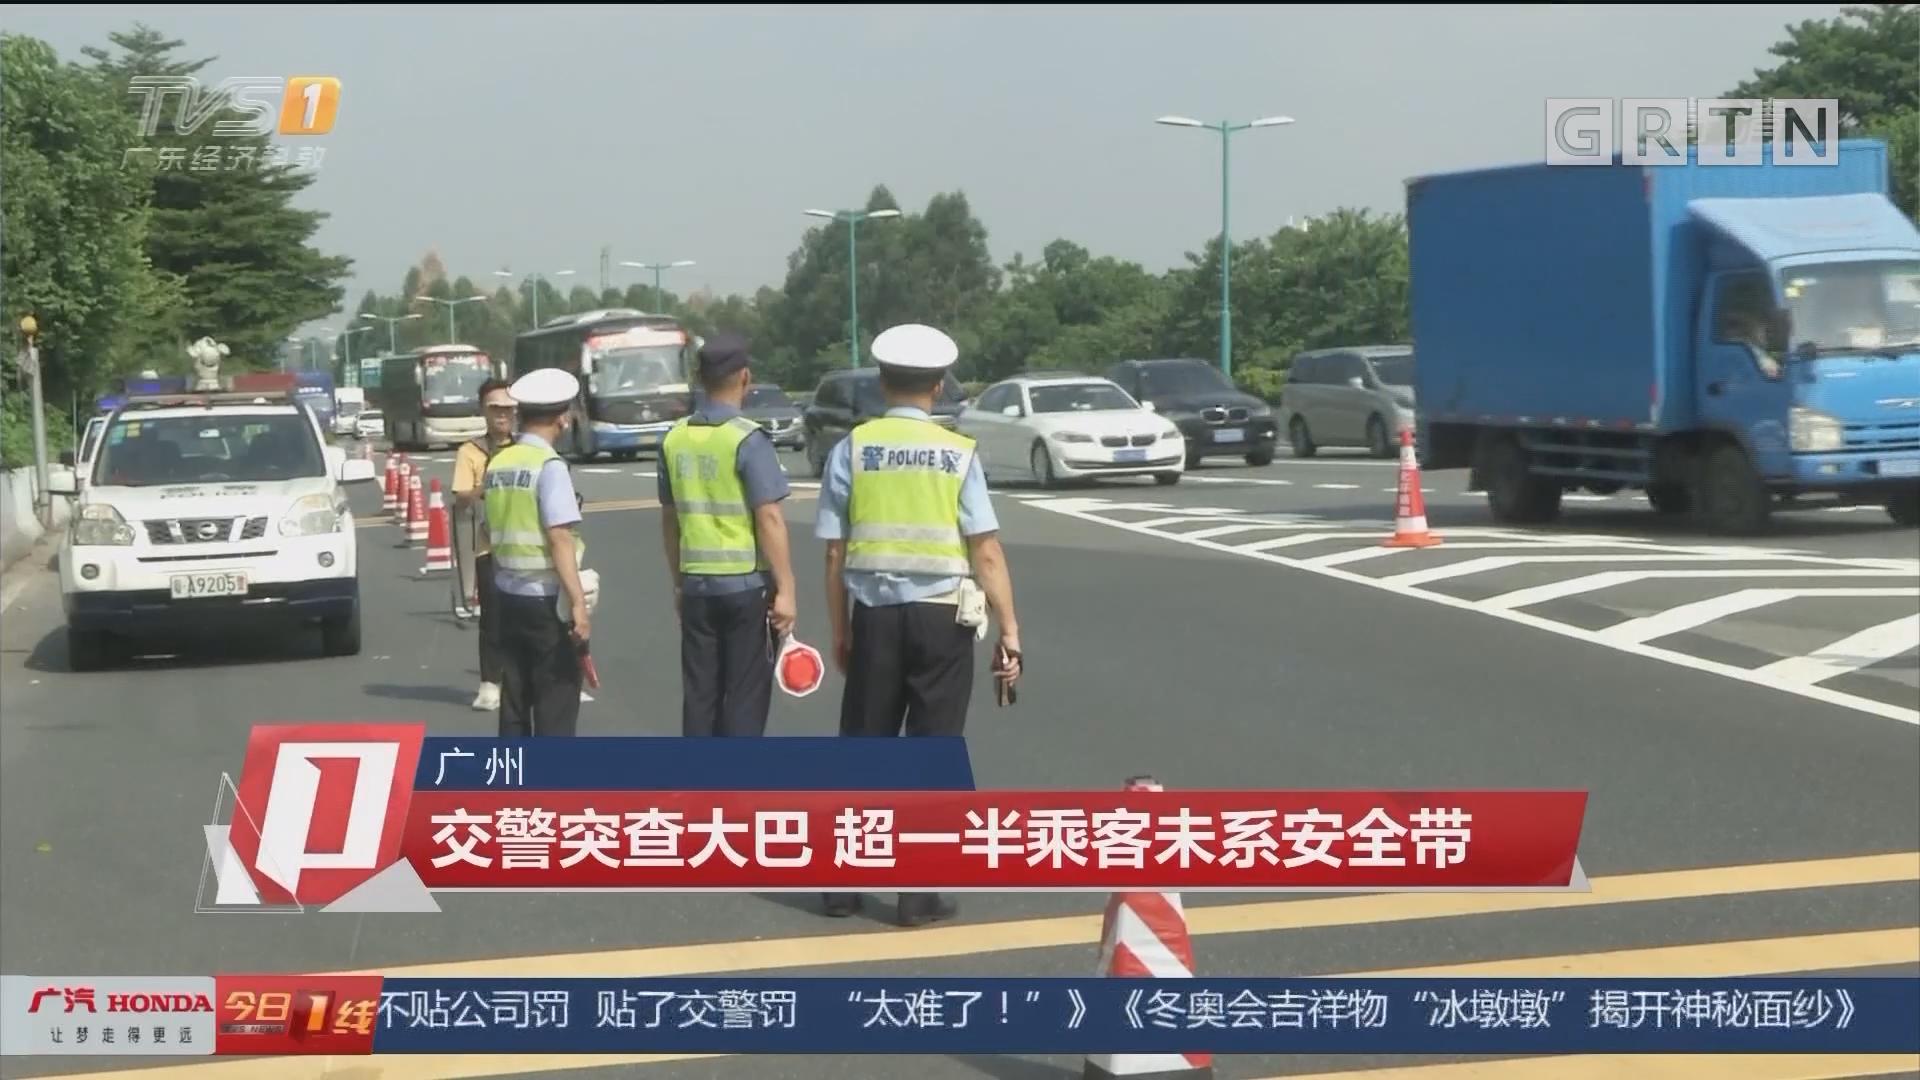 广州:交警突查大巴 超一半乘客未系安全带